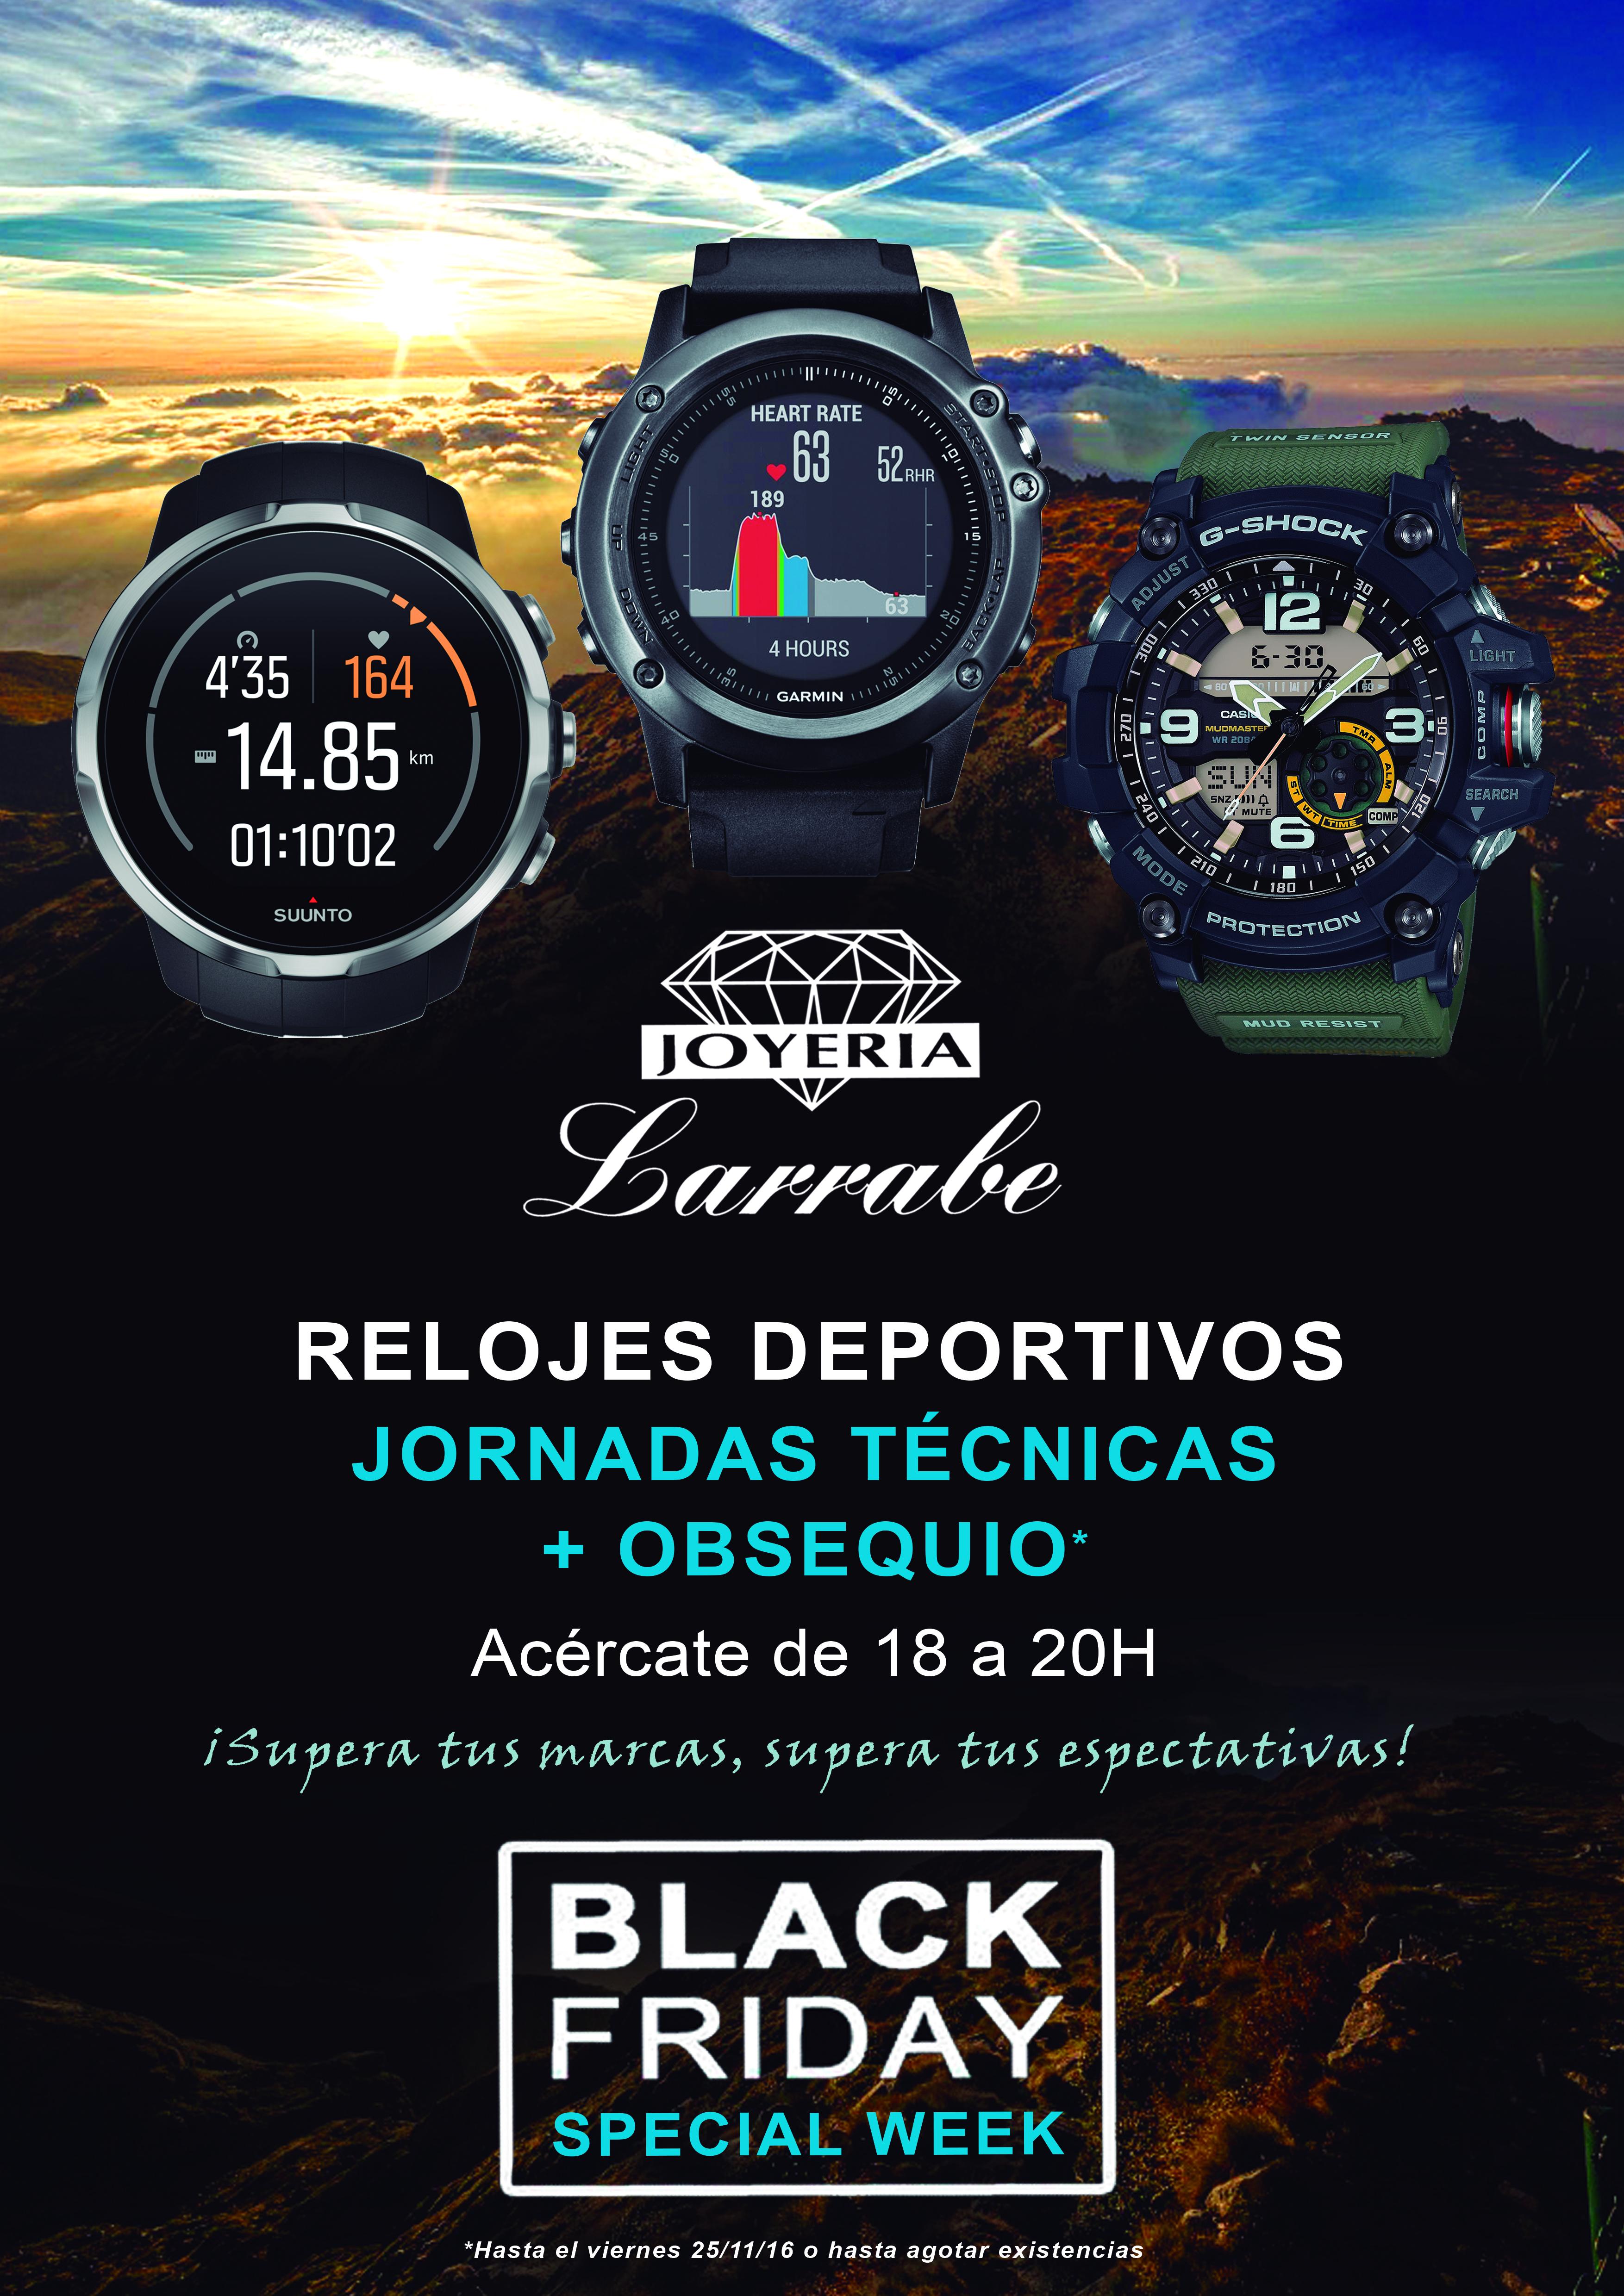 Jornadas Técnicas Deportivas Joyería Larrabe Black Friday